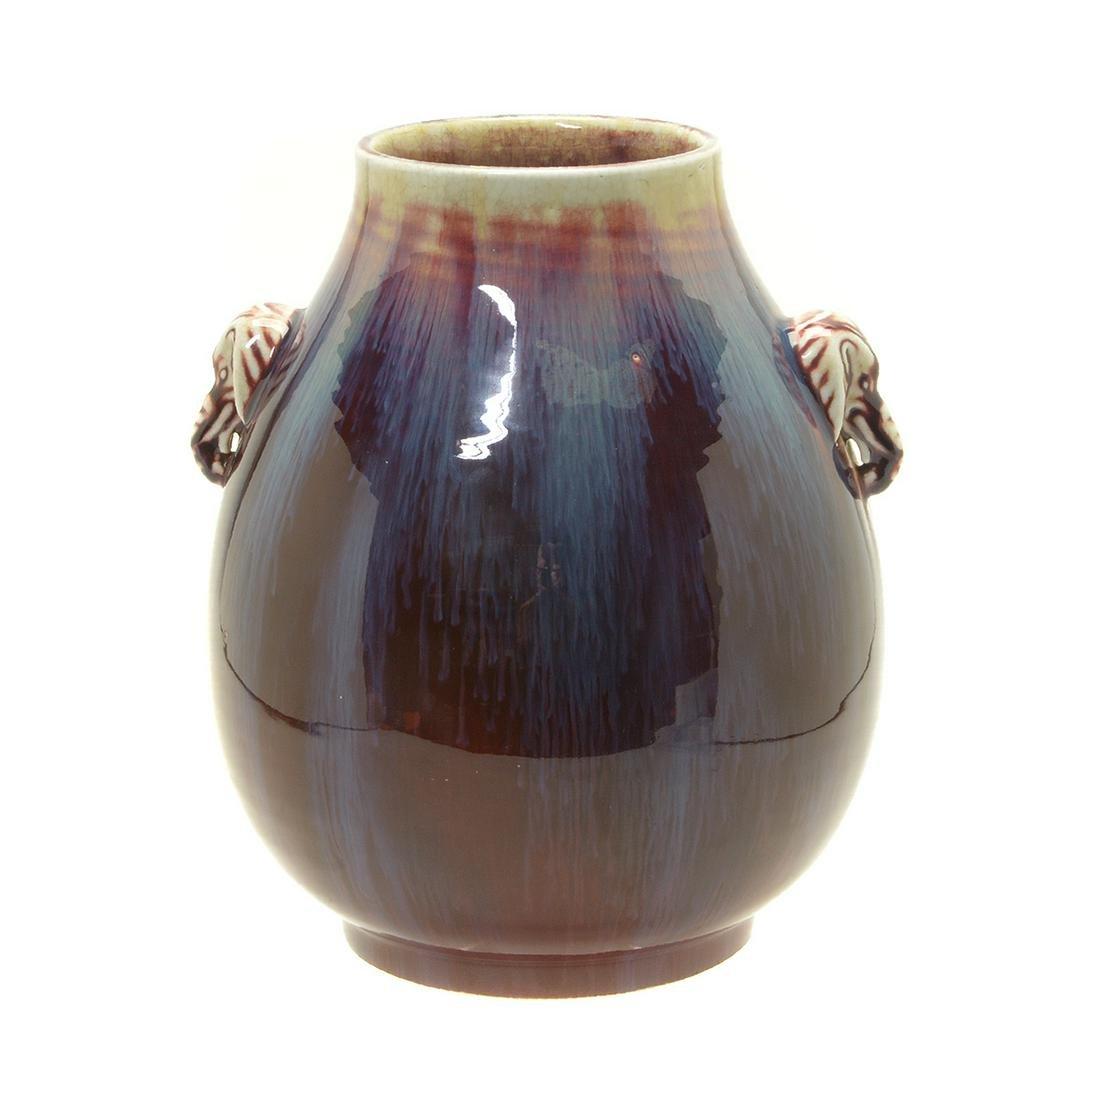 Chinese Flambe Glazed Vase with Elephant Handles